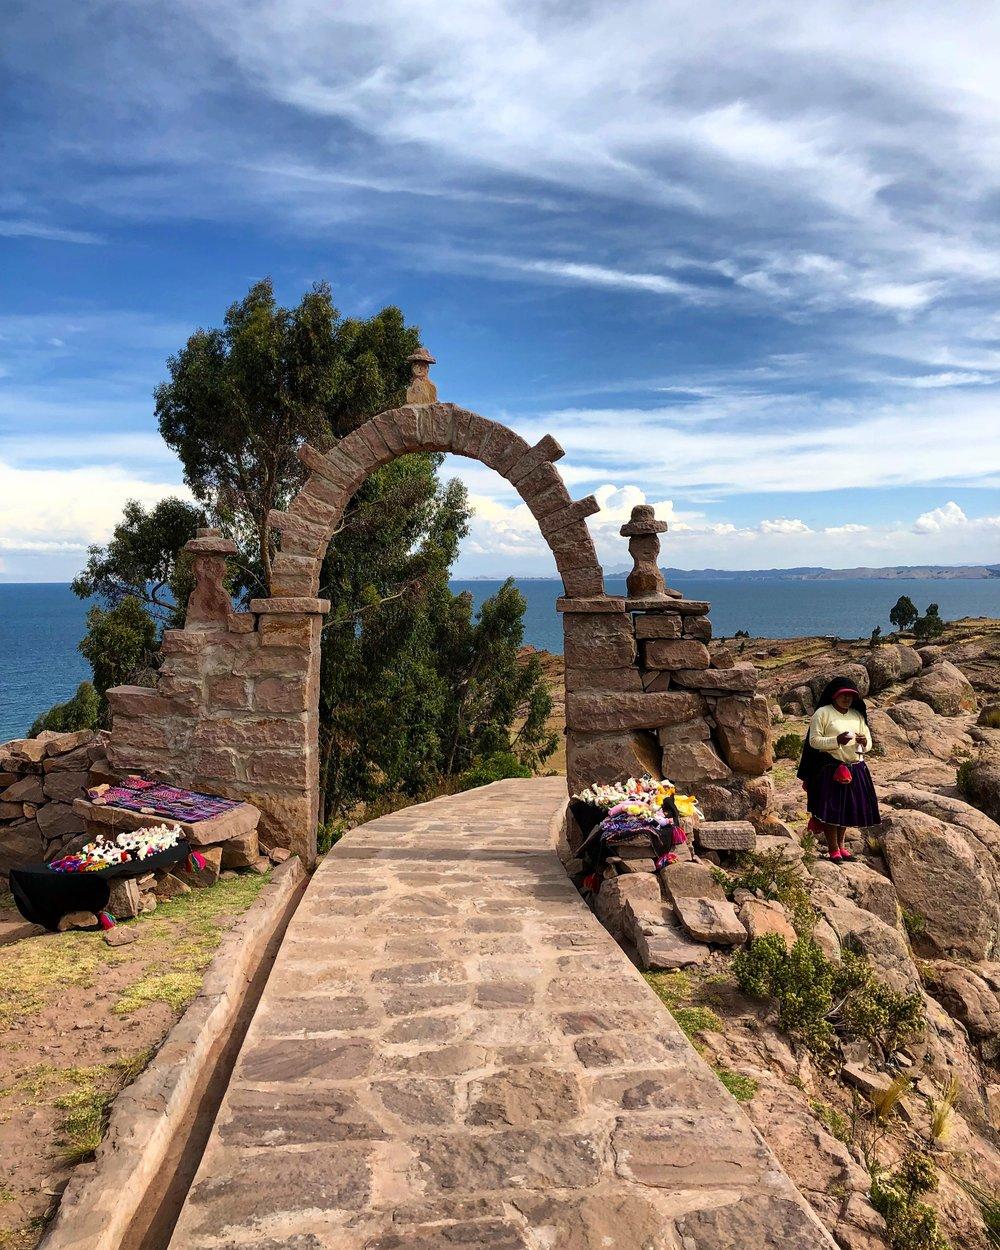 Taquile Island / Lake Titicaca / Peru